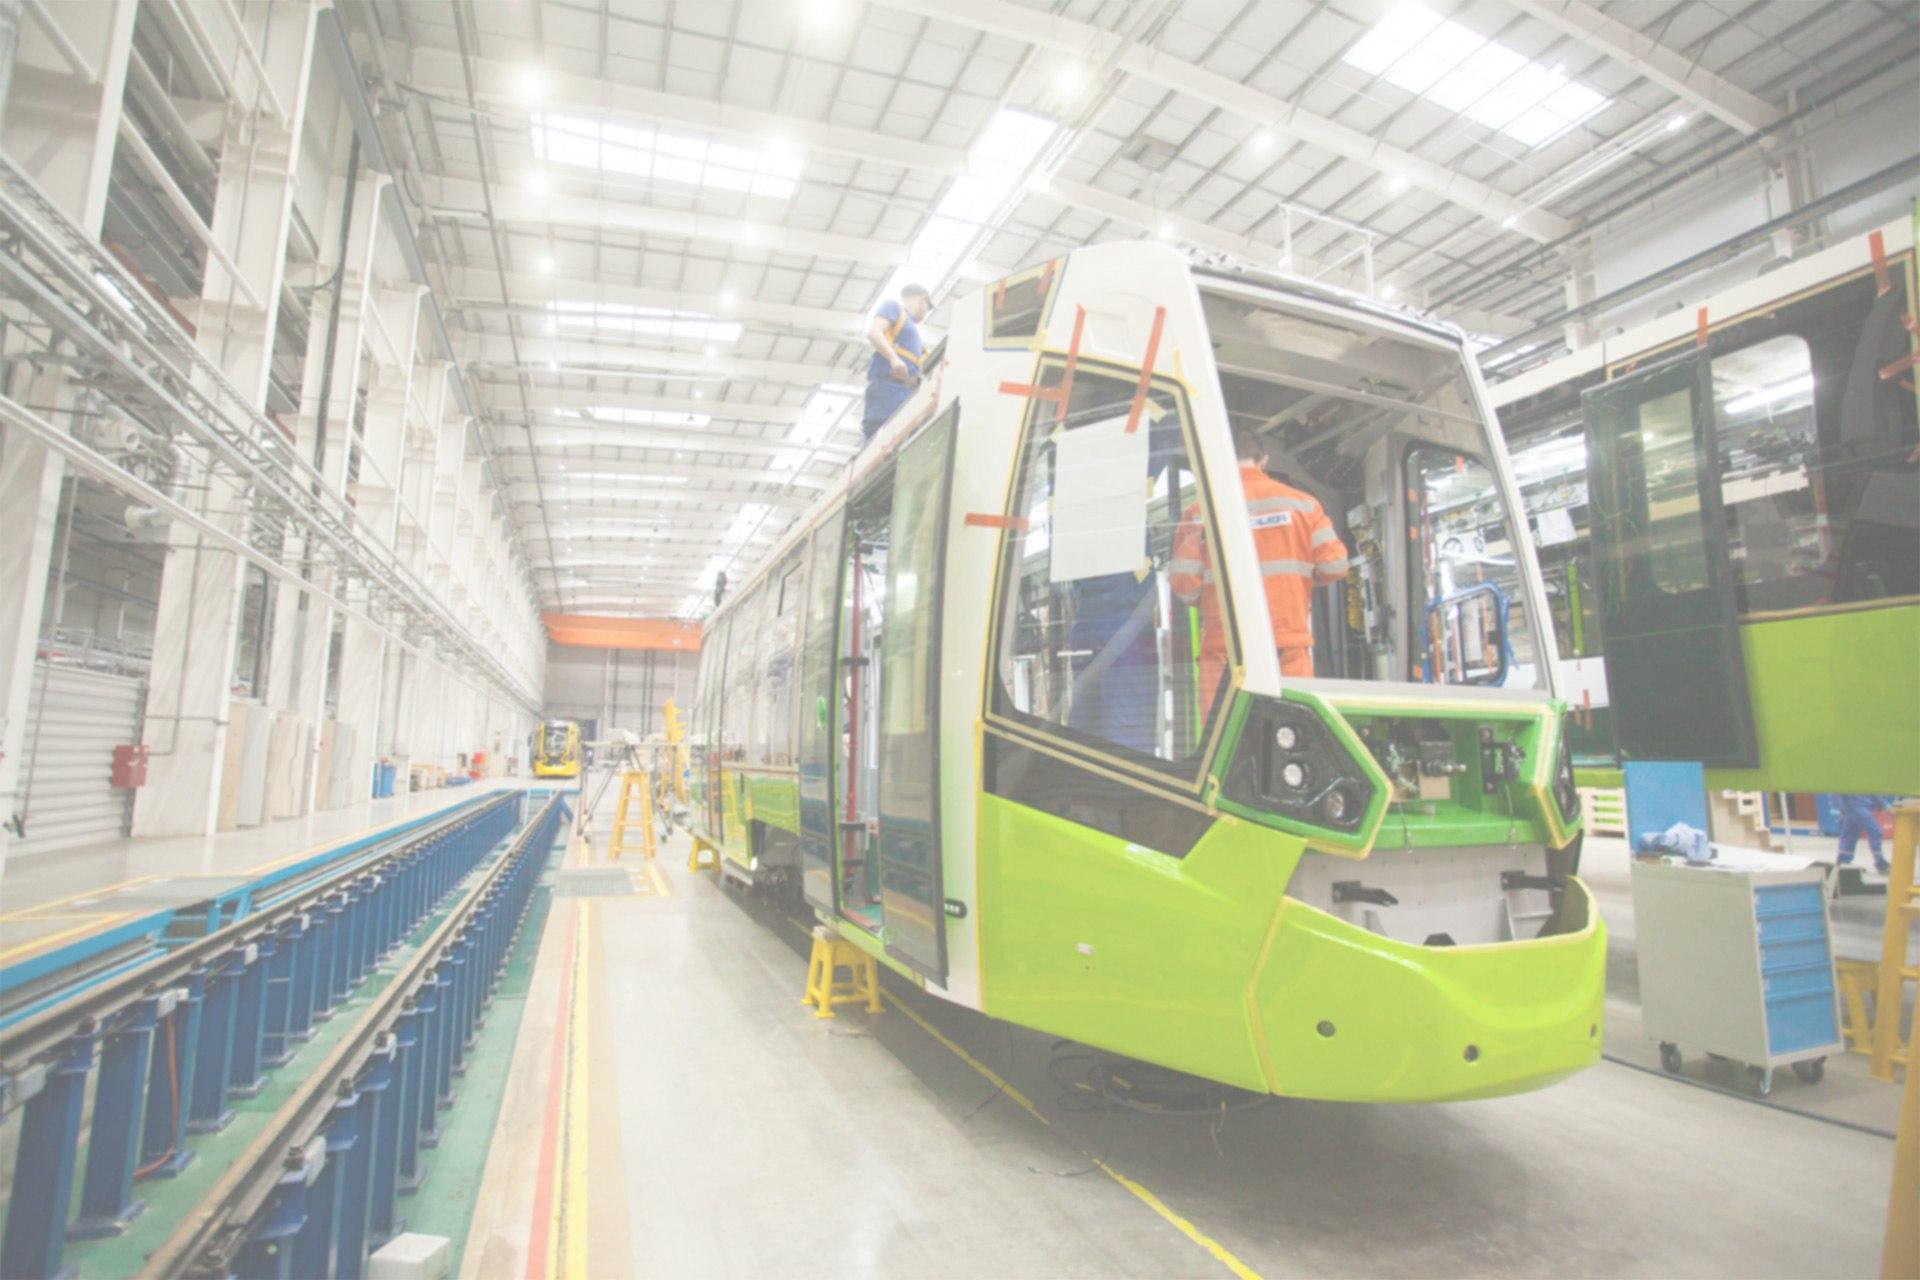 Трамвай Stadler (для ТКК) на заводе. Источник: http://chizhik-lrt.ru